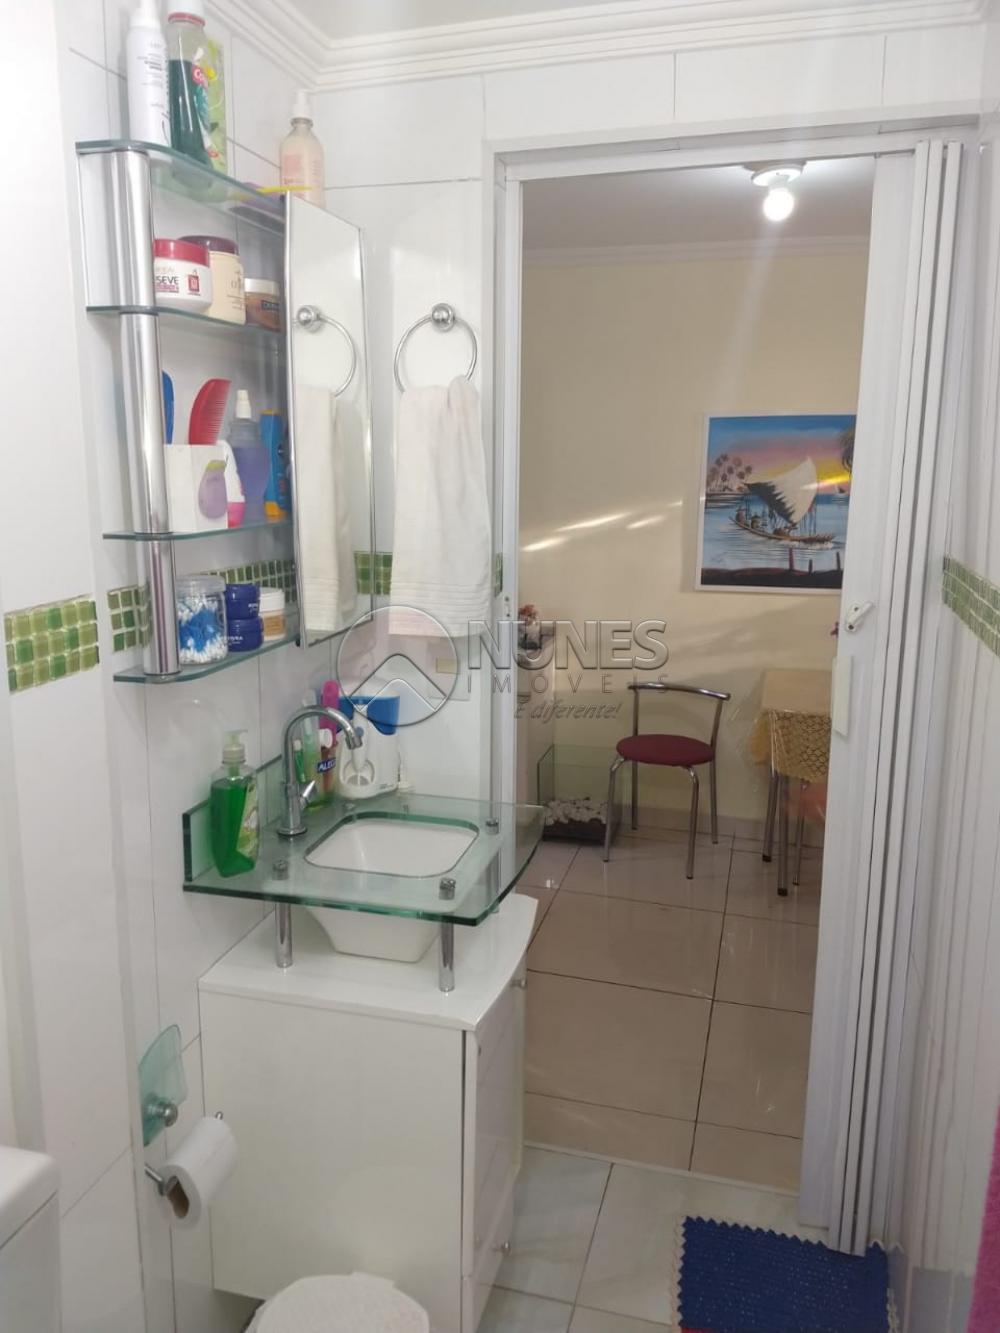 Comprar Apartamento / Padrão em Carapicuíba apenas R$ 145.000,00 - Foto 14